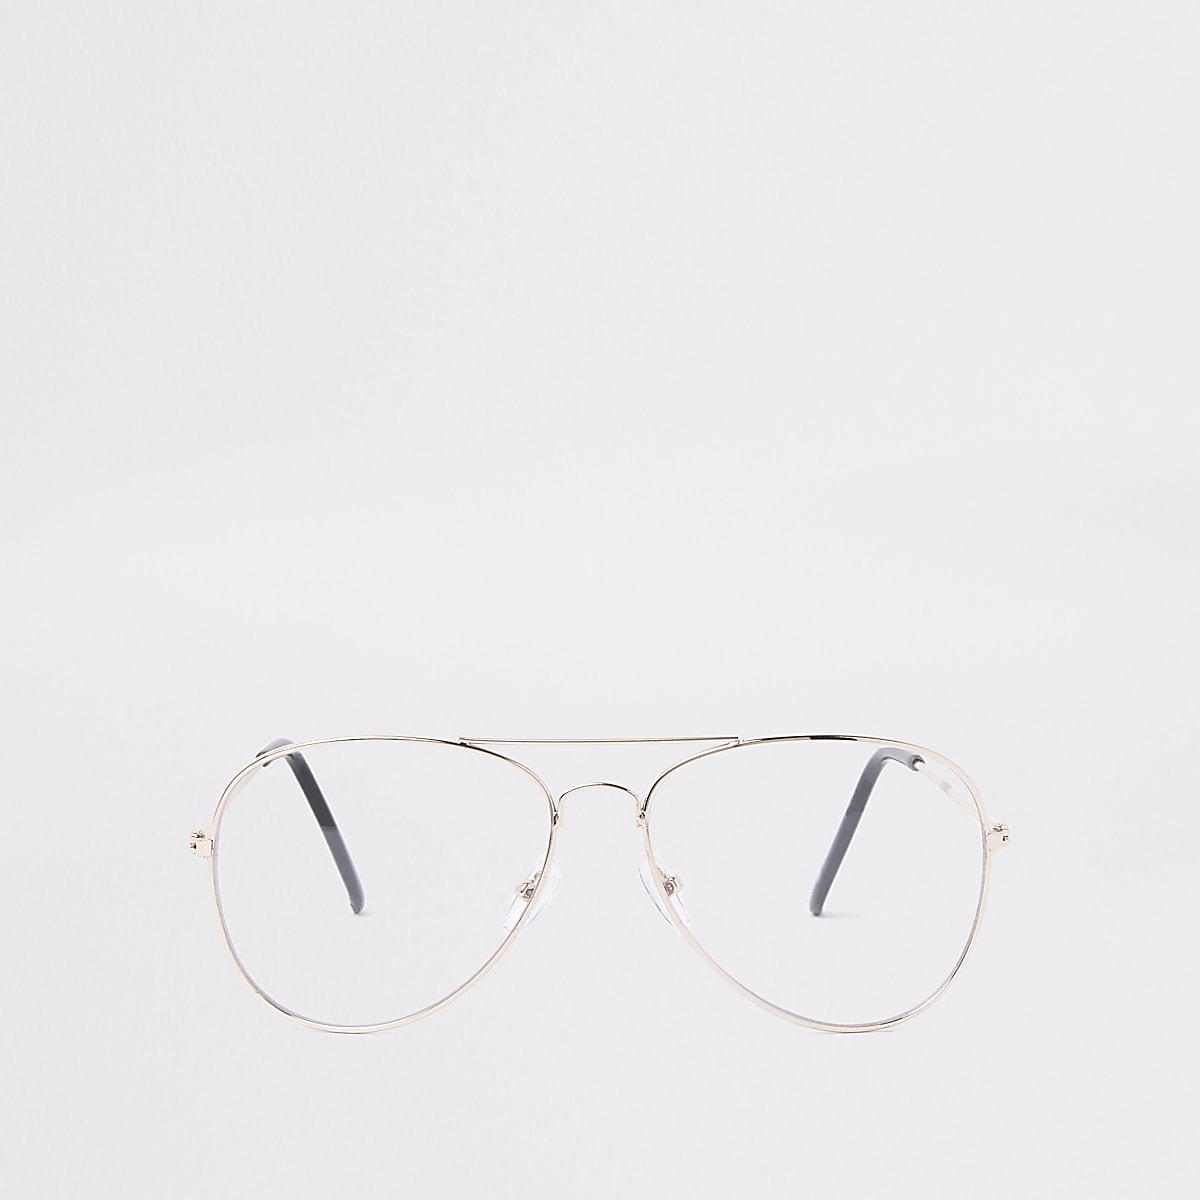 Goldfarbene Pilotenbrille mit transparenten Gläsern